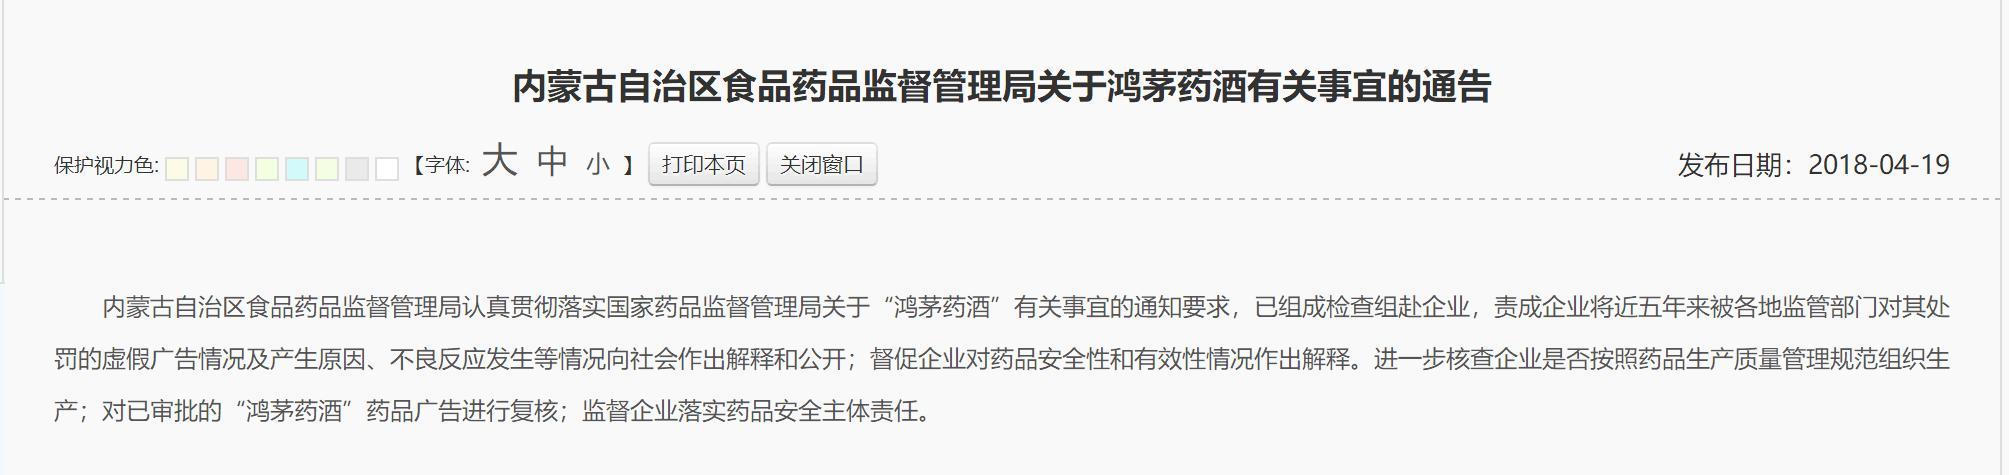 """内蒙古食药监:责成""""鸿茅药酒""""解释虚假广告等情况"""